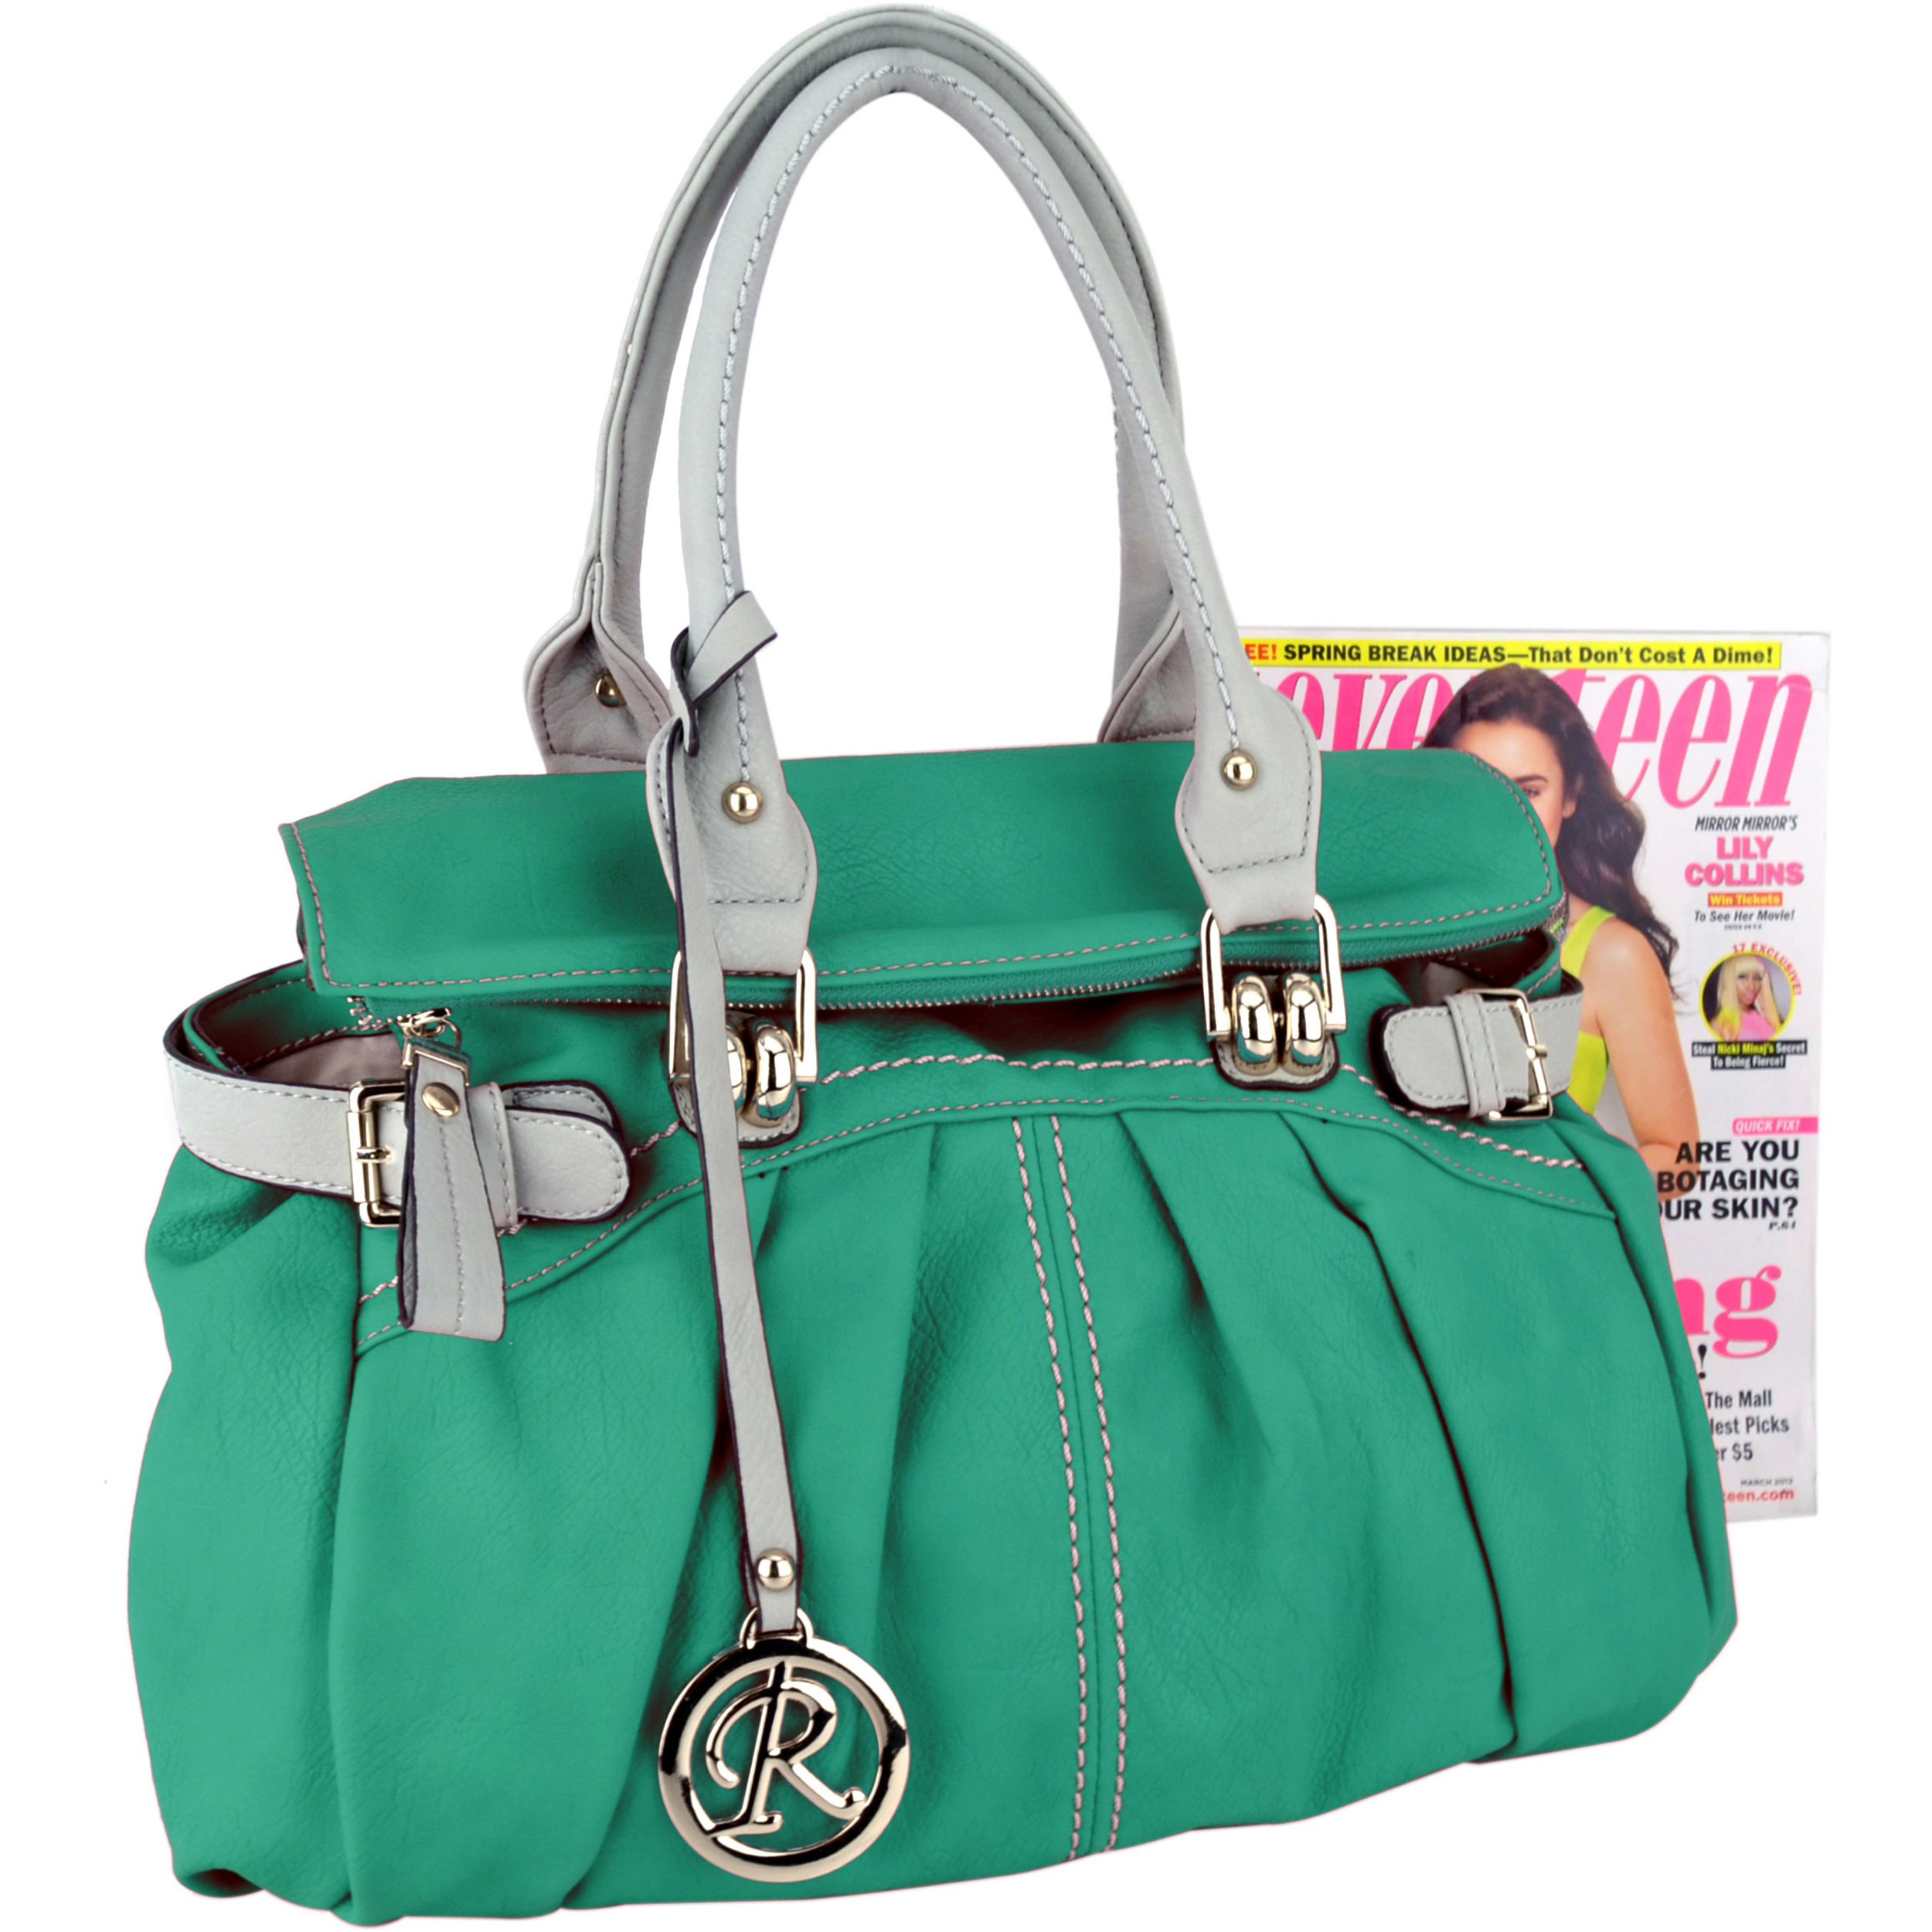 GABBY Teal Shopper Hobo Handbag Size